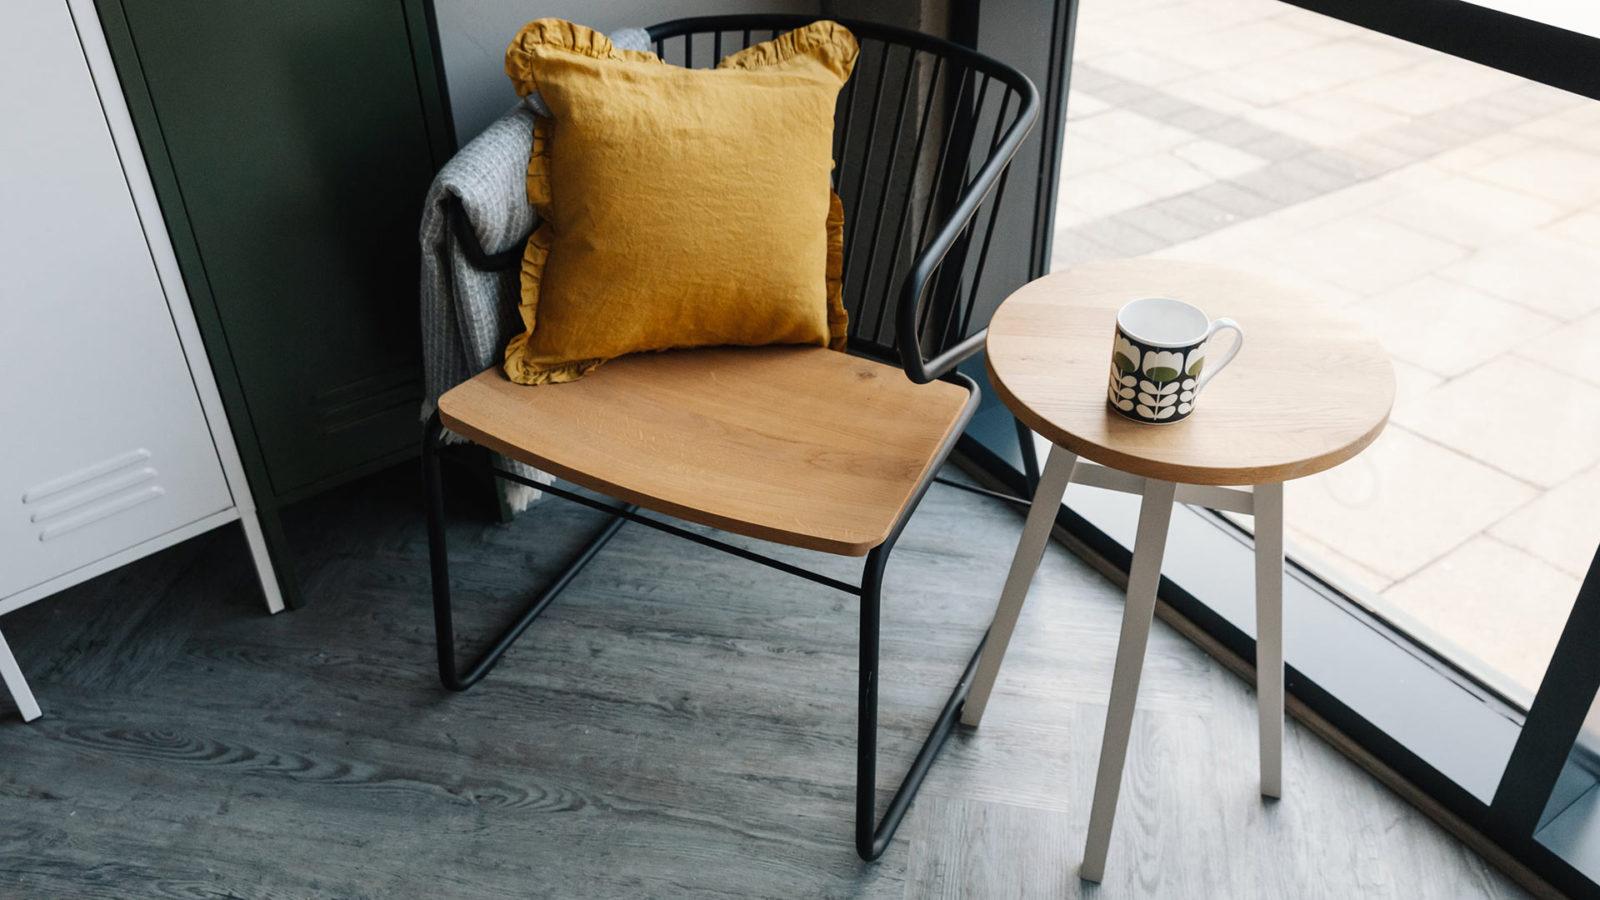 Gabbia chair by Ethnicraft